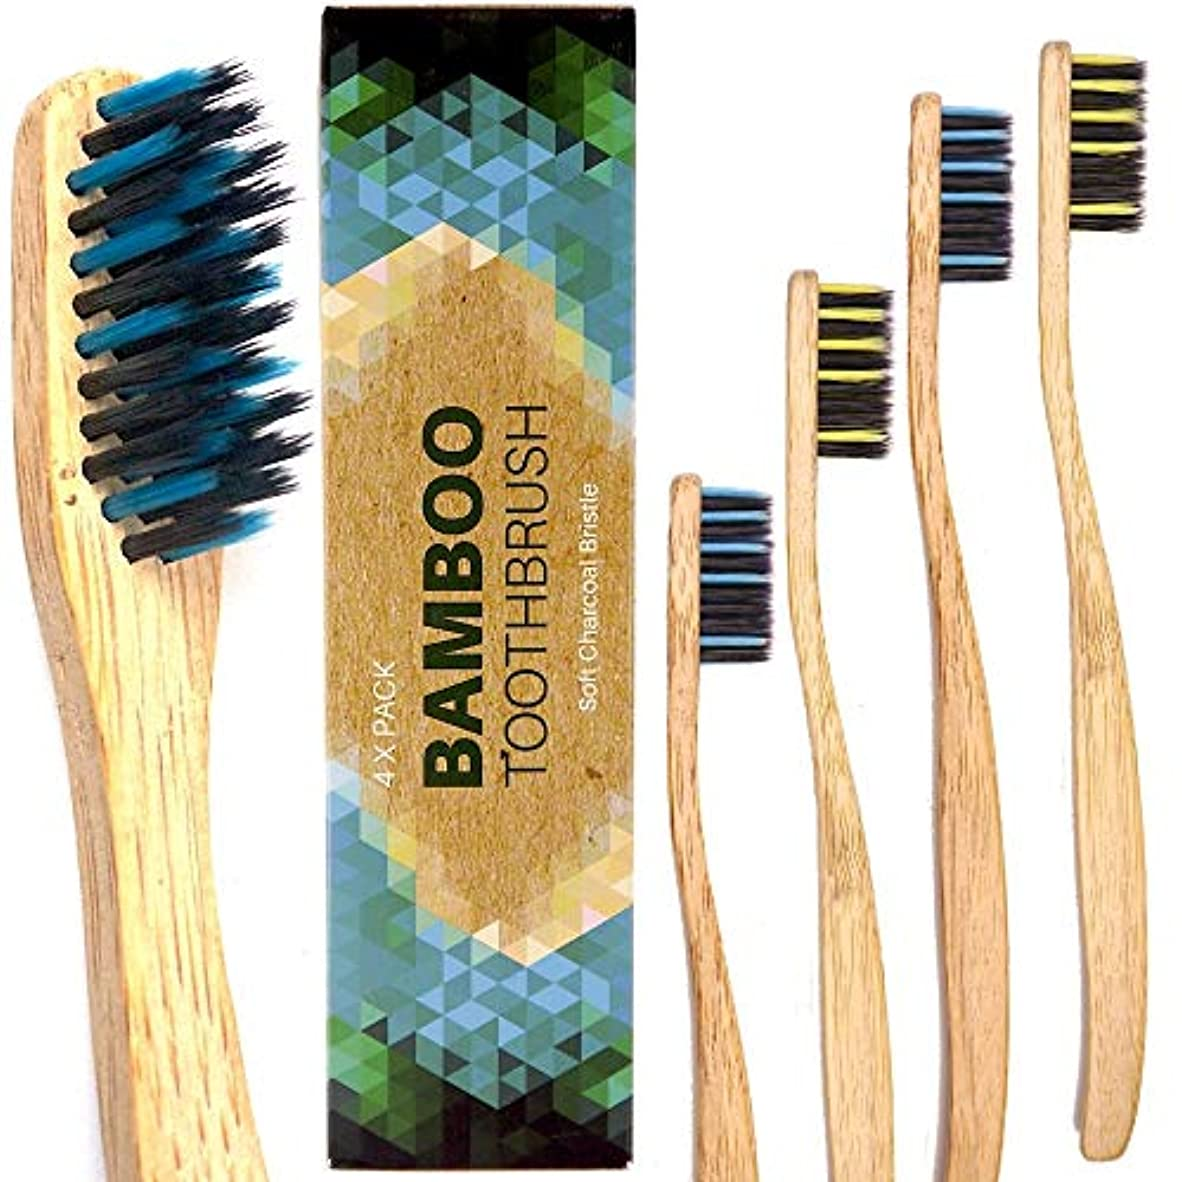 脅かす是正ハドル竹製歯ブラシ。チャコールブリストル大人 - ミディアム及びソフト、生分解性、ビーガン、バイオ、エコ、持続可能な木製ハンドル4本パック4 Bamboo Toothbrushes, ホワイトニング 歯, ドイツの品質, 竹歯ブラシ